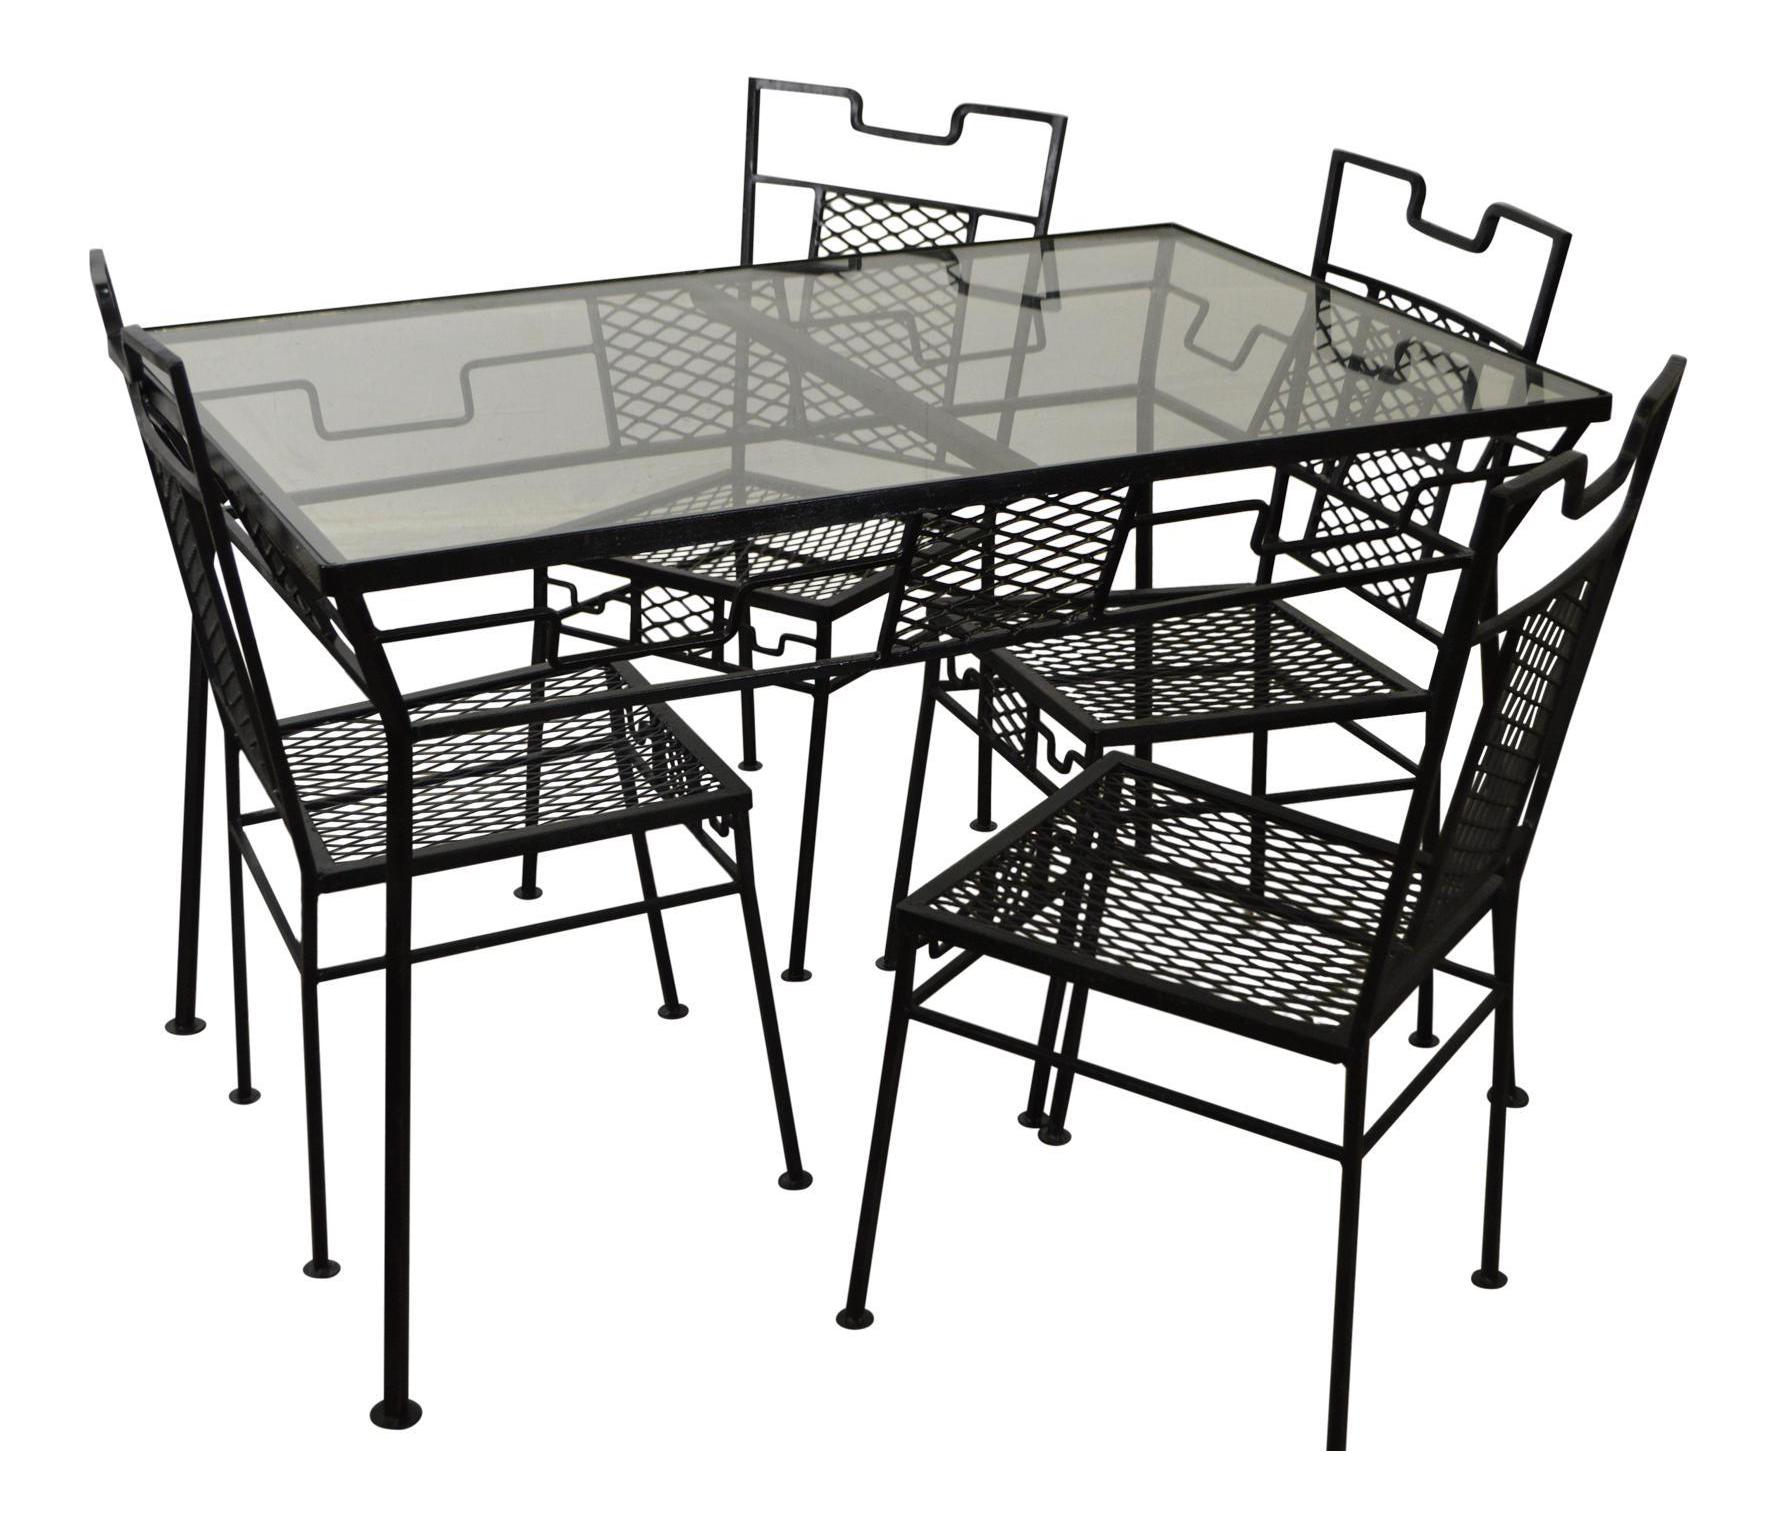 Salterini Mid Century Metal Patio Table U0026 Chairs   Set ...